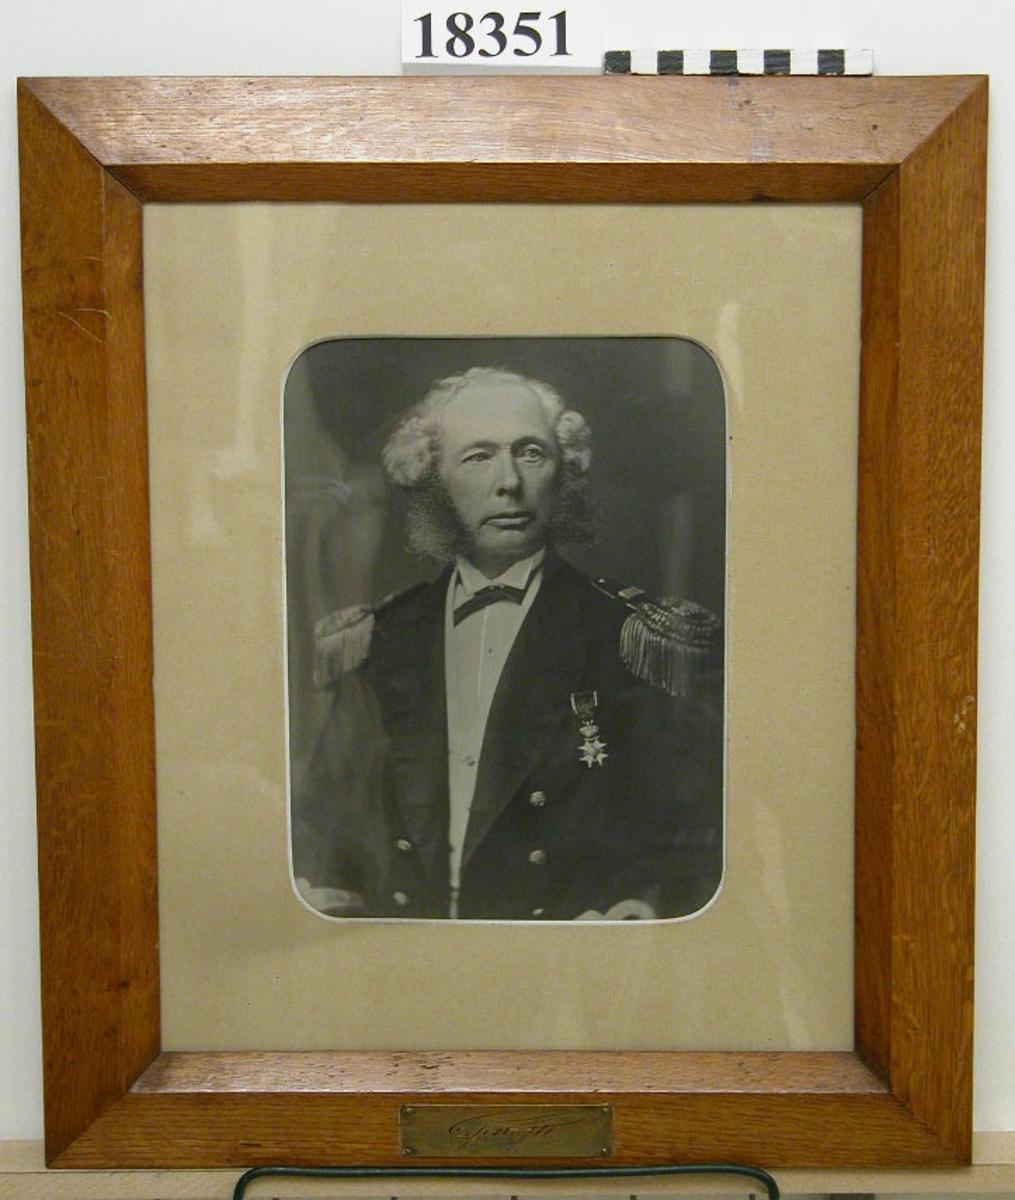 """Fotografi inom glas och ram föreställande C.F. Kafle. Bröstbild av man klädd i uniform med epåletter, en medalj, vitt hår och breda polisonger. Passepartout  B = ca 50 mm. Ram av ljus ek fernissad, profilerad. Nederst mässingsbricka med graverat namn efter namnteckning: """" C.Fr. Kafle """". Baksida kartong försedd med lapp: """" Claes Johan Fredrik Kafle född 1819 7/4 död 1902 25/11 chef 1872-75 """". Neg.nr A 376 2:19"""